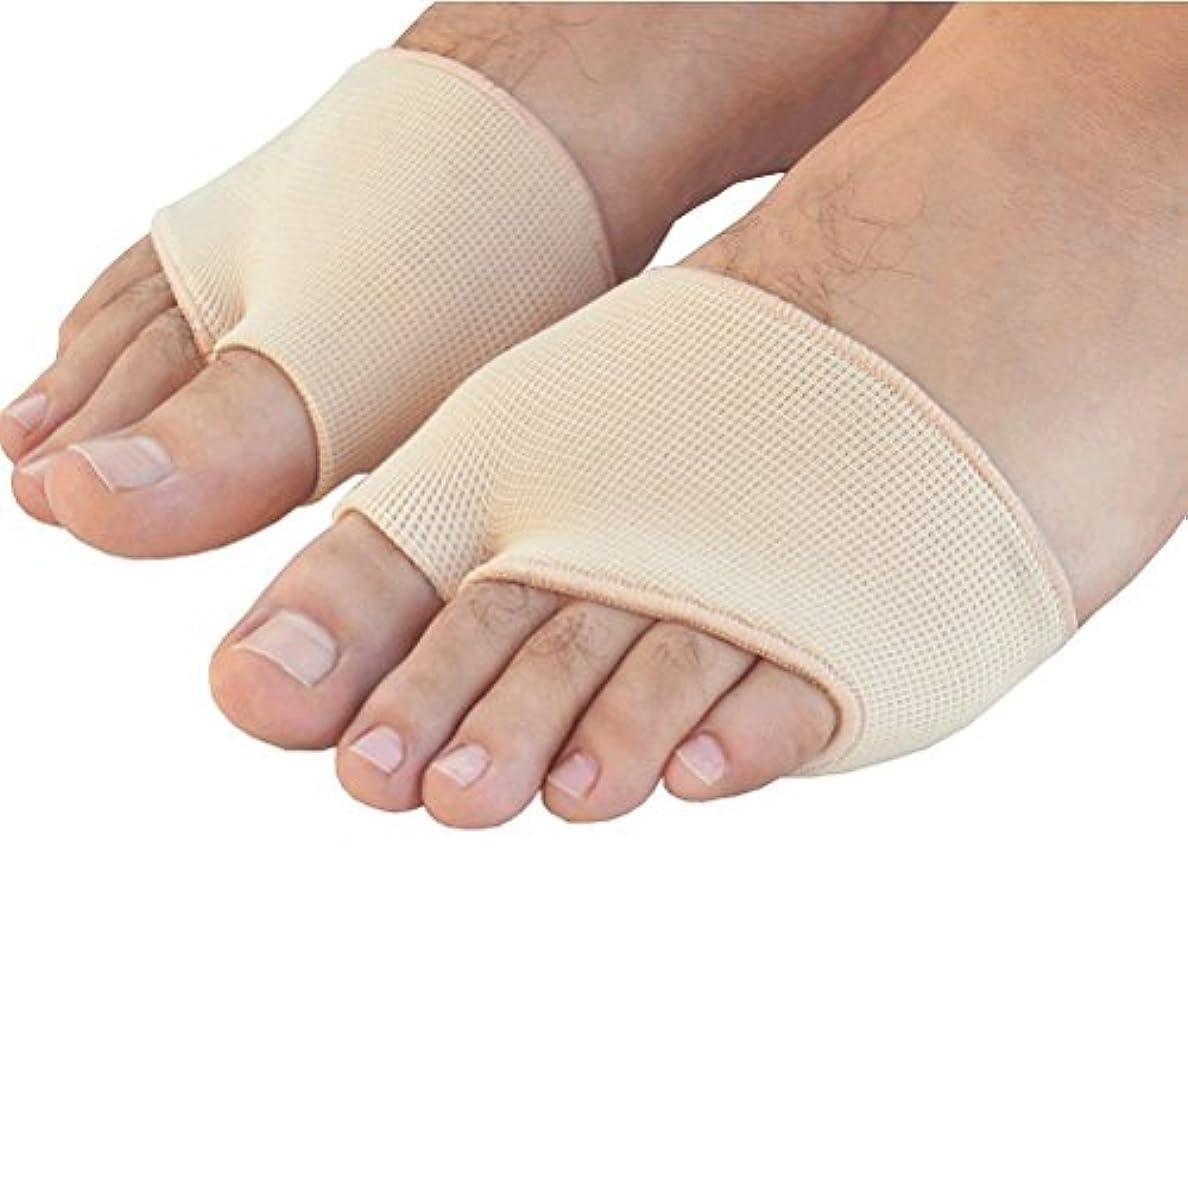 泣き叫ぶ要求盟主ROSENICE ゲル前足中足骨の痛み救済吸収クッション パッド 足底筋膜炎インソール 衝撃吸収 サイズS(肌の色)